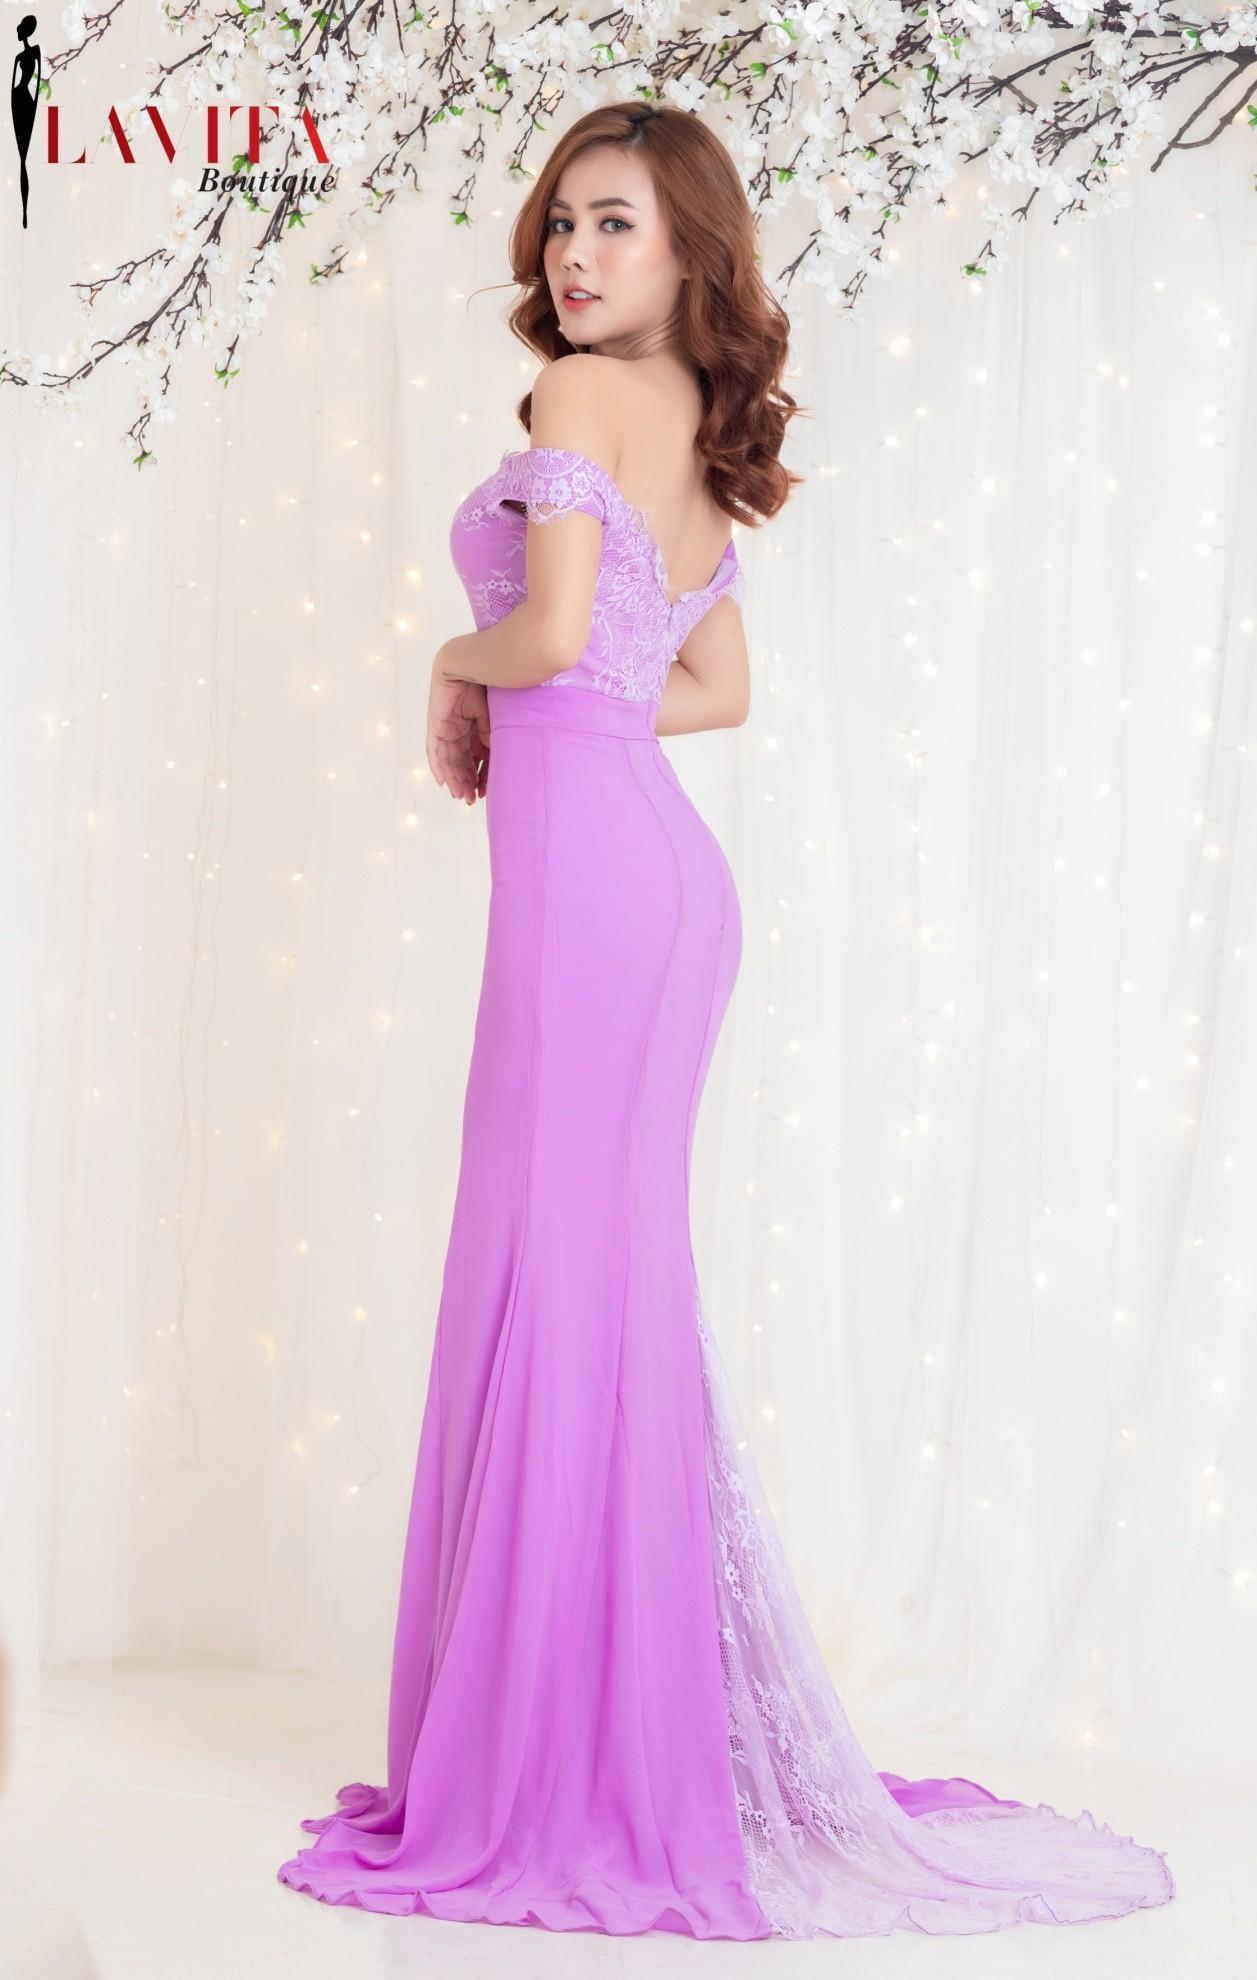 vay-dam-sexy Váy đầm sexy Bí quyết diện váy đầm sexy vừa đẹp vừa hợp thời trang vay dam sexy